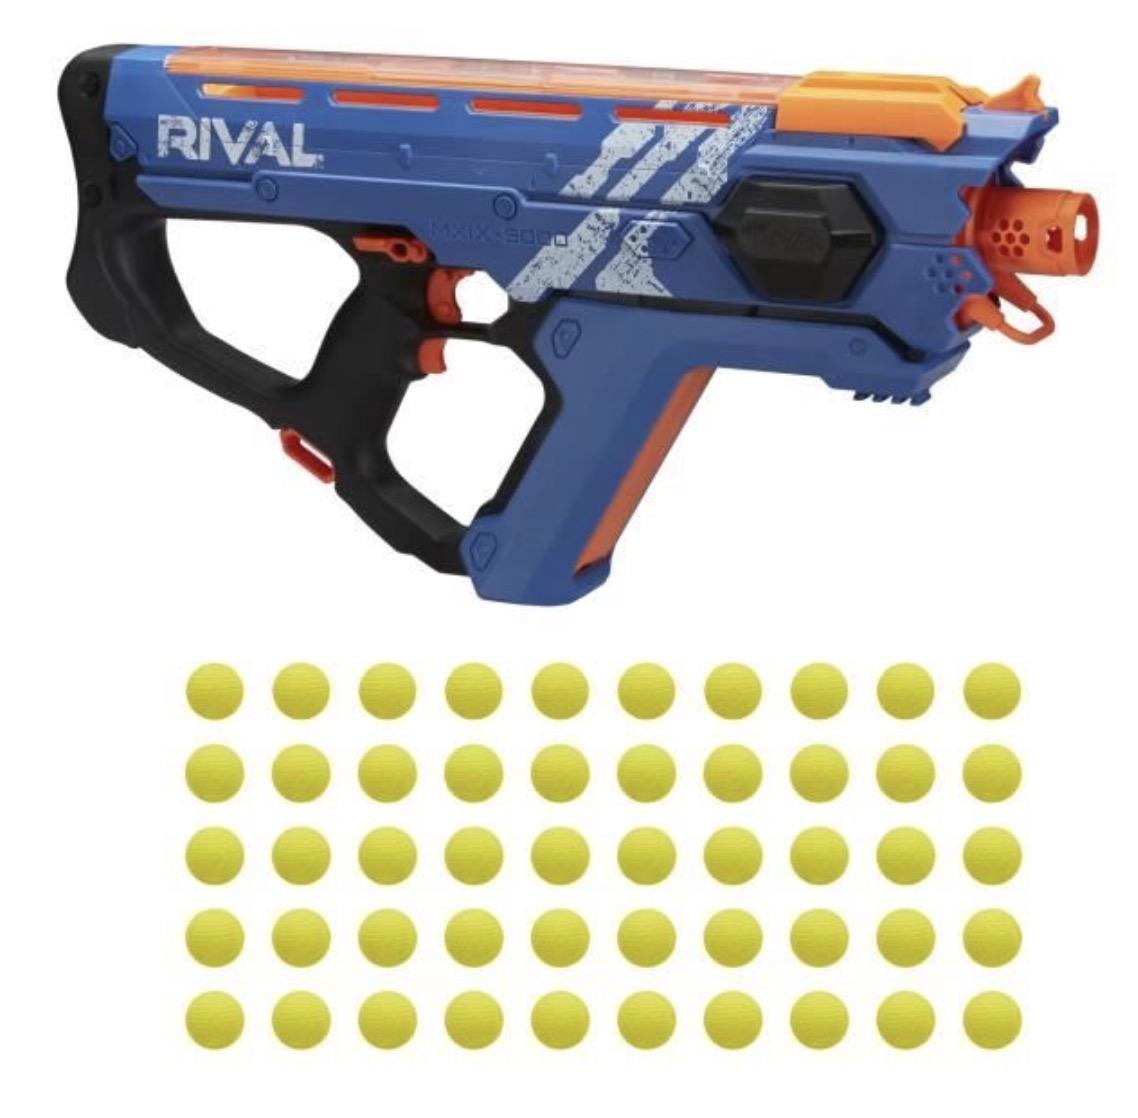 Code promo Cdiscount : 2 jouets Nerf achetés parmi une sélection = le 3e offert